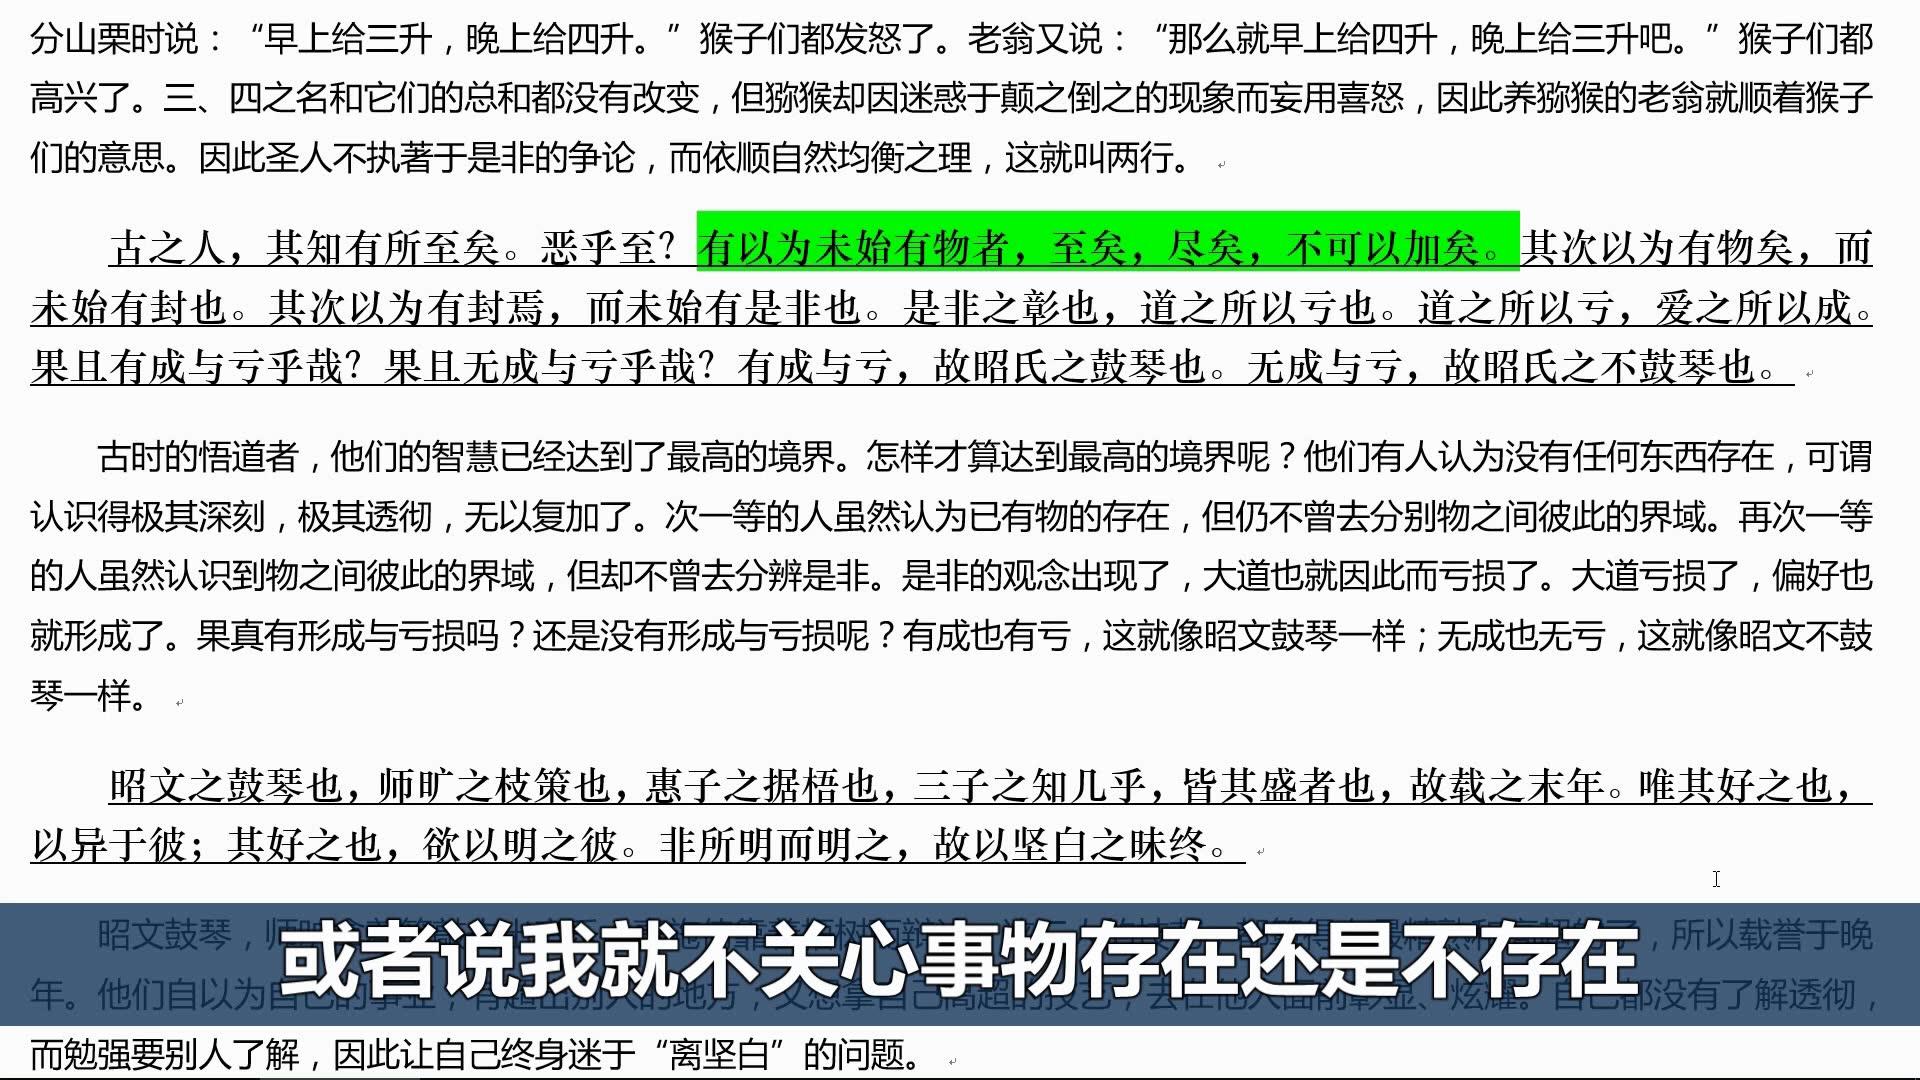 中国哲学史20-庄子-齐物论-庄周化蝶图片